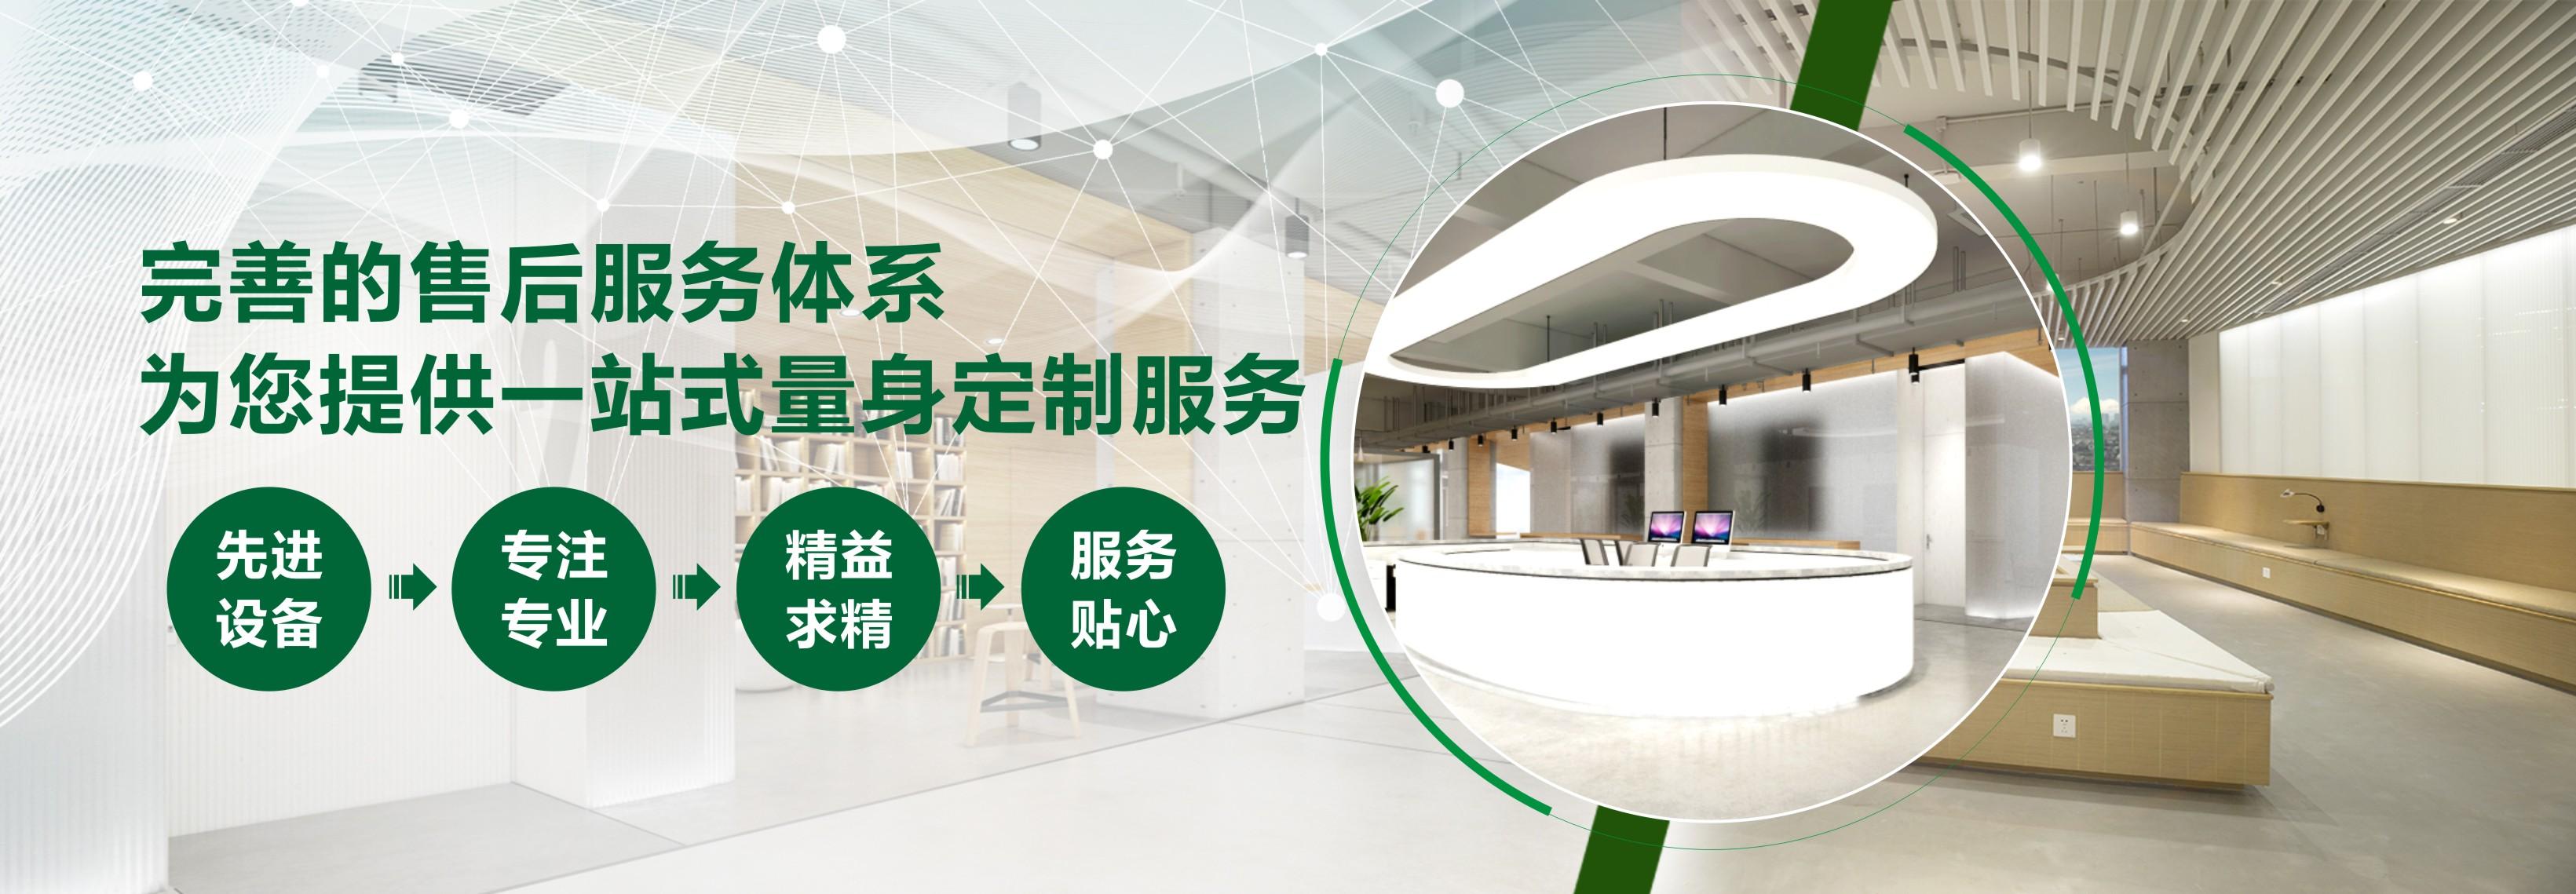 完善售后体系,一站式PC板材供应商-上海绿澳